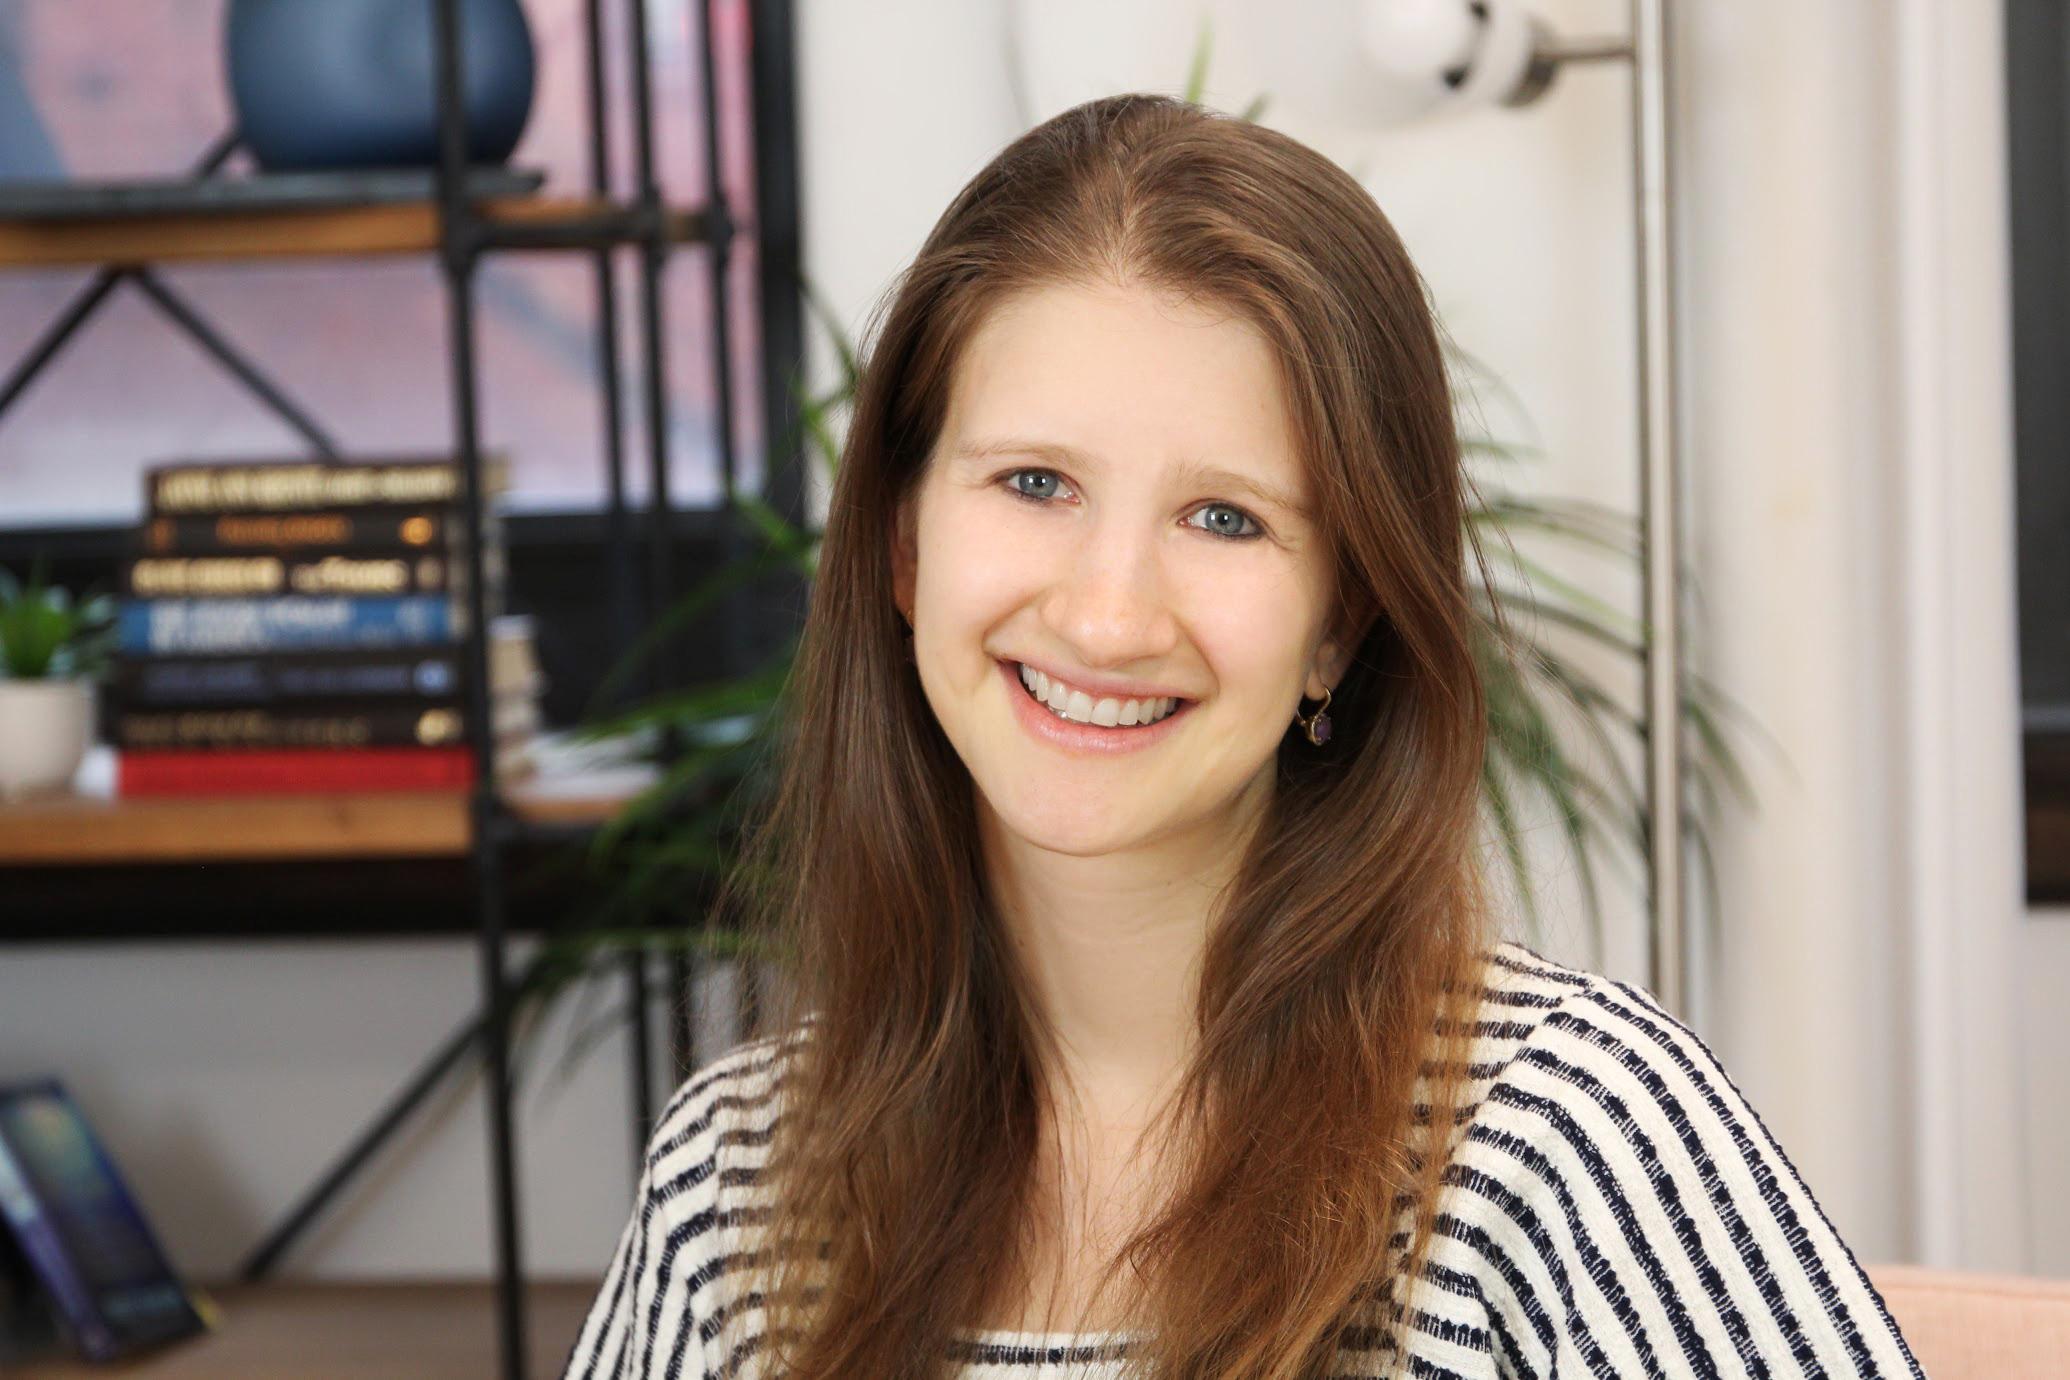 Sophie Kaye